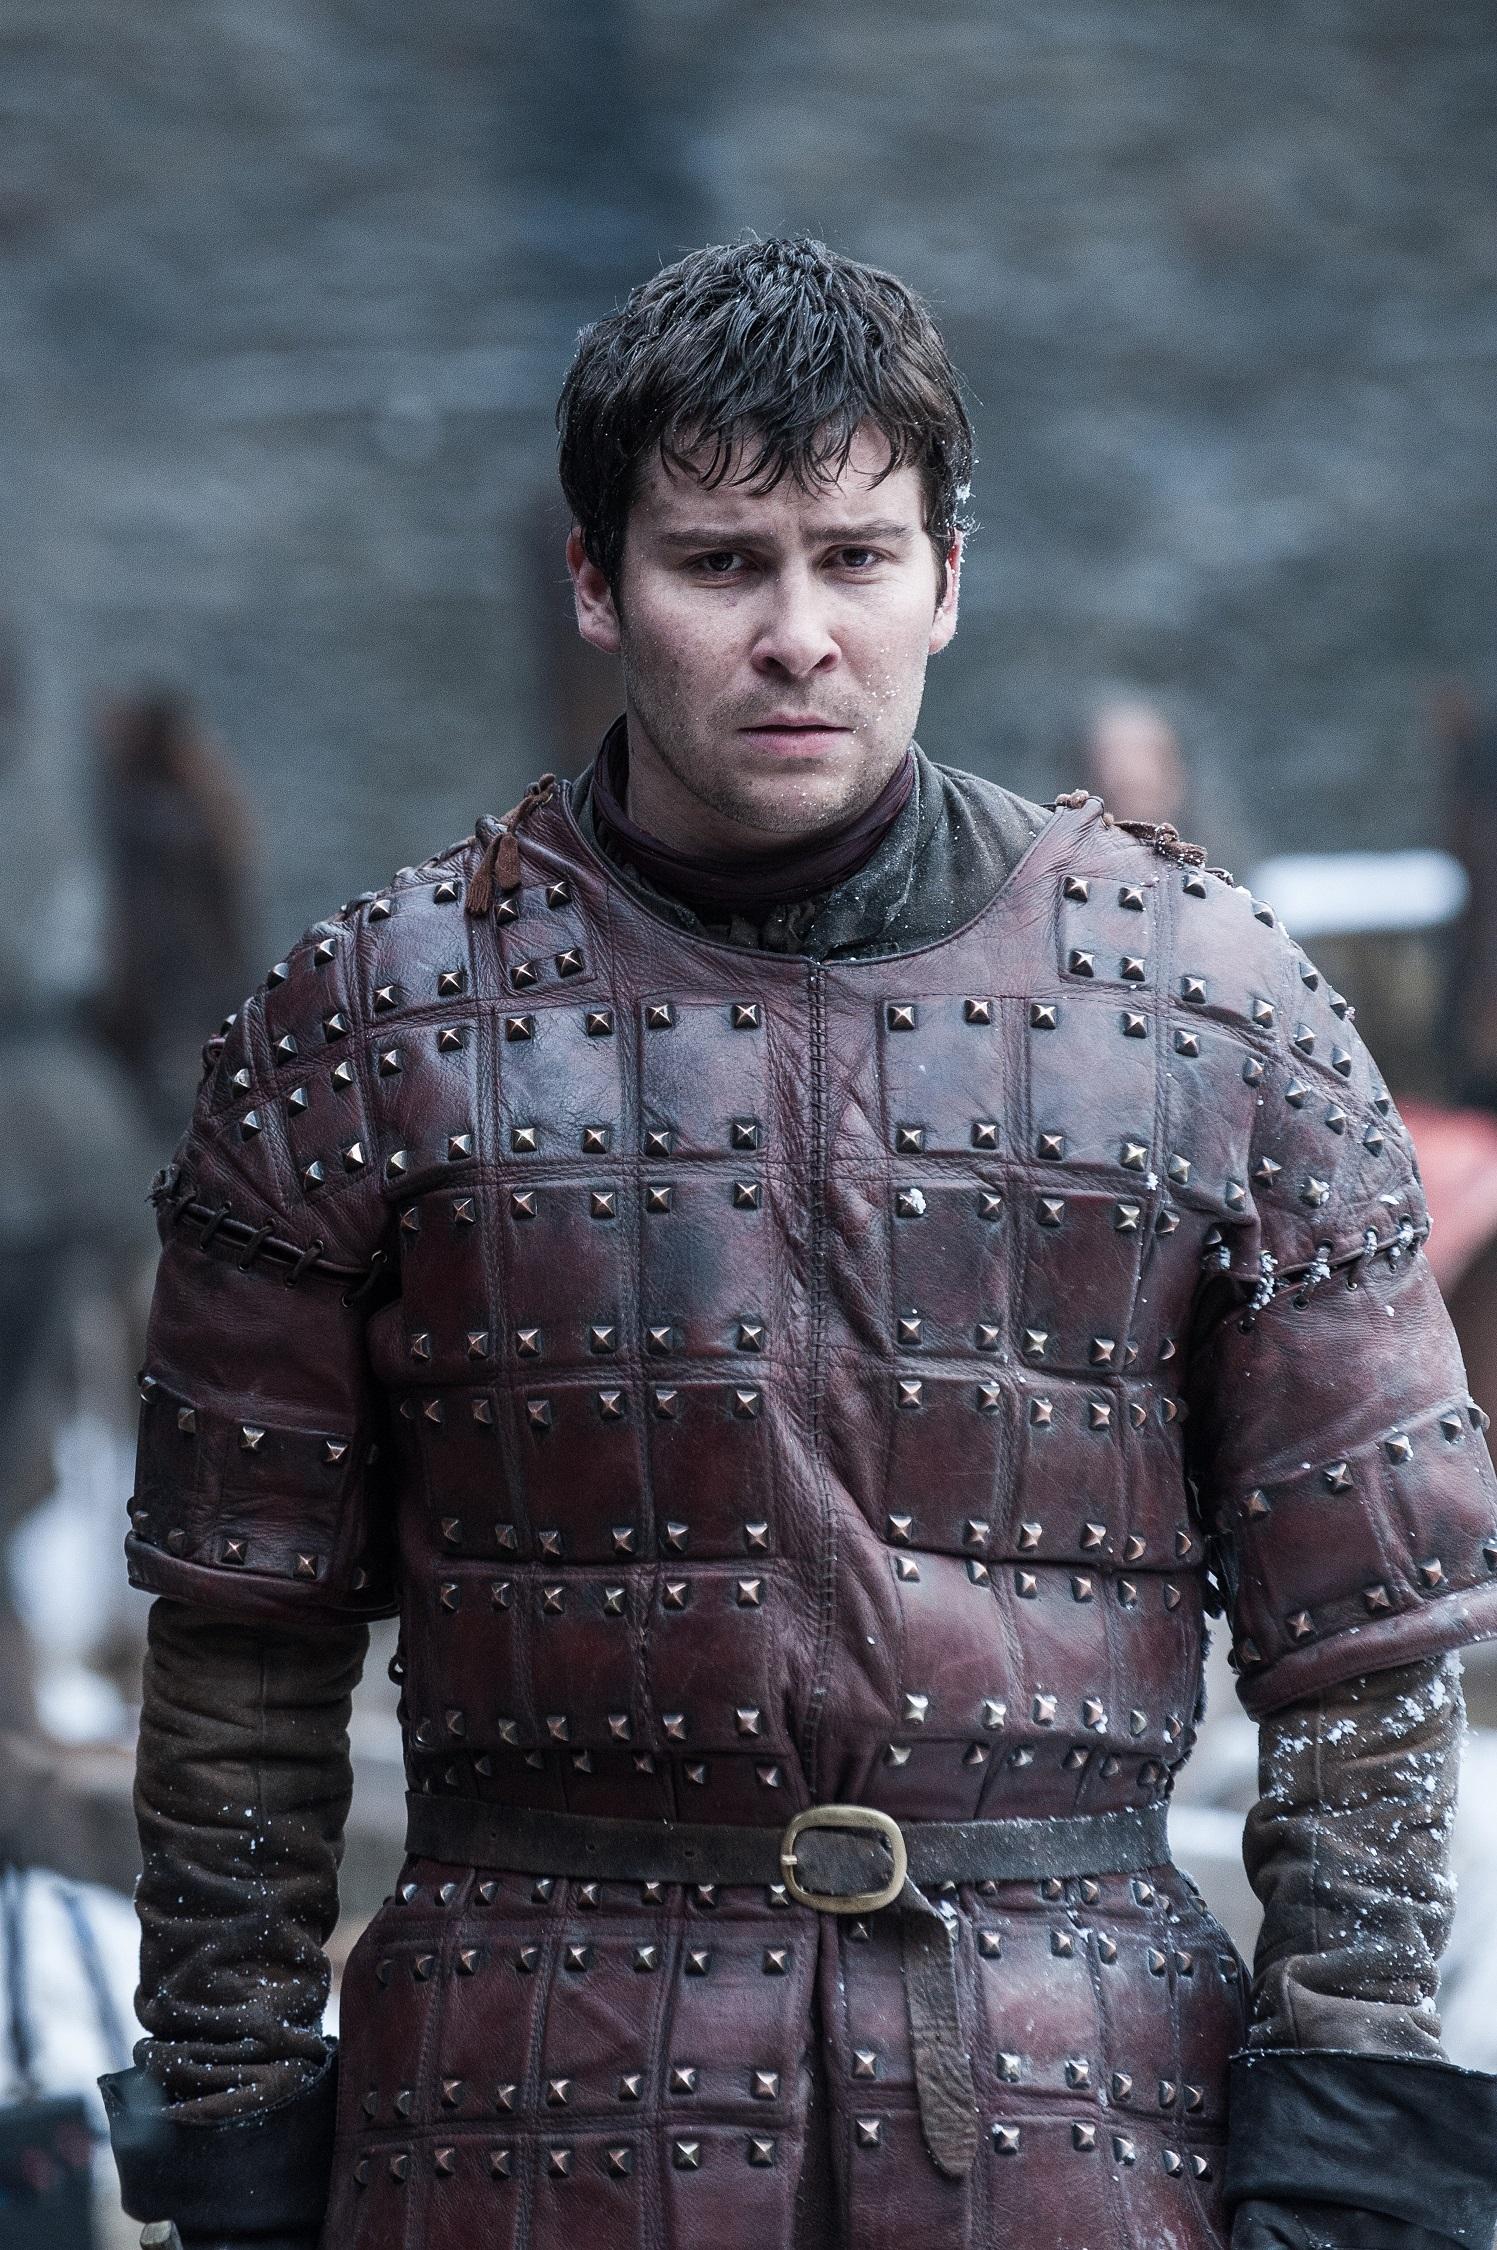 Daniel Portman as Podrick Payne in Winterfell. Photo: HBO